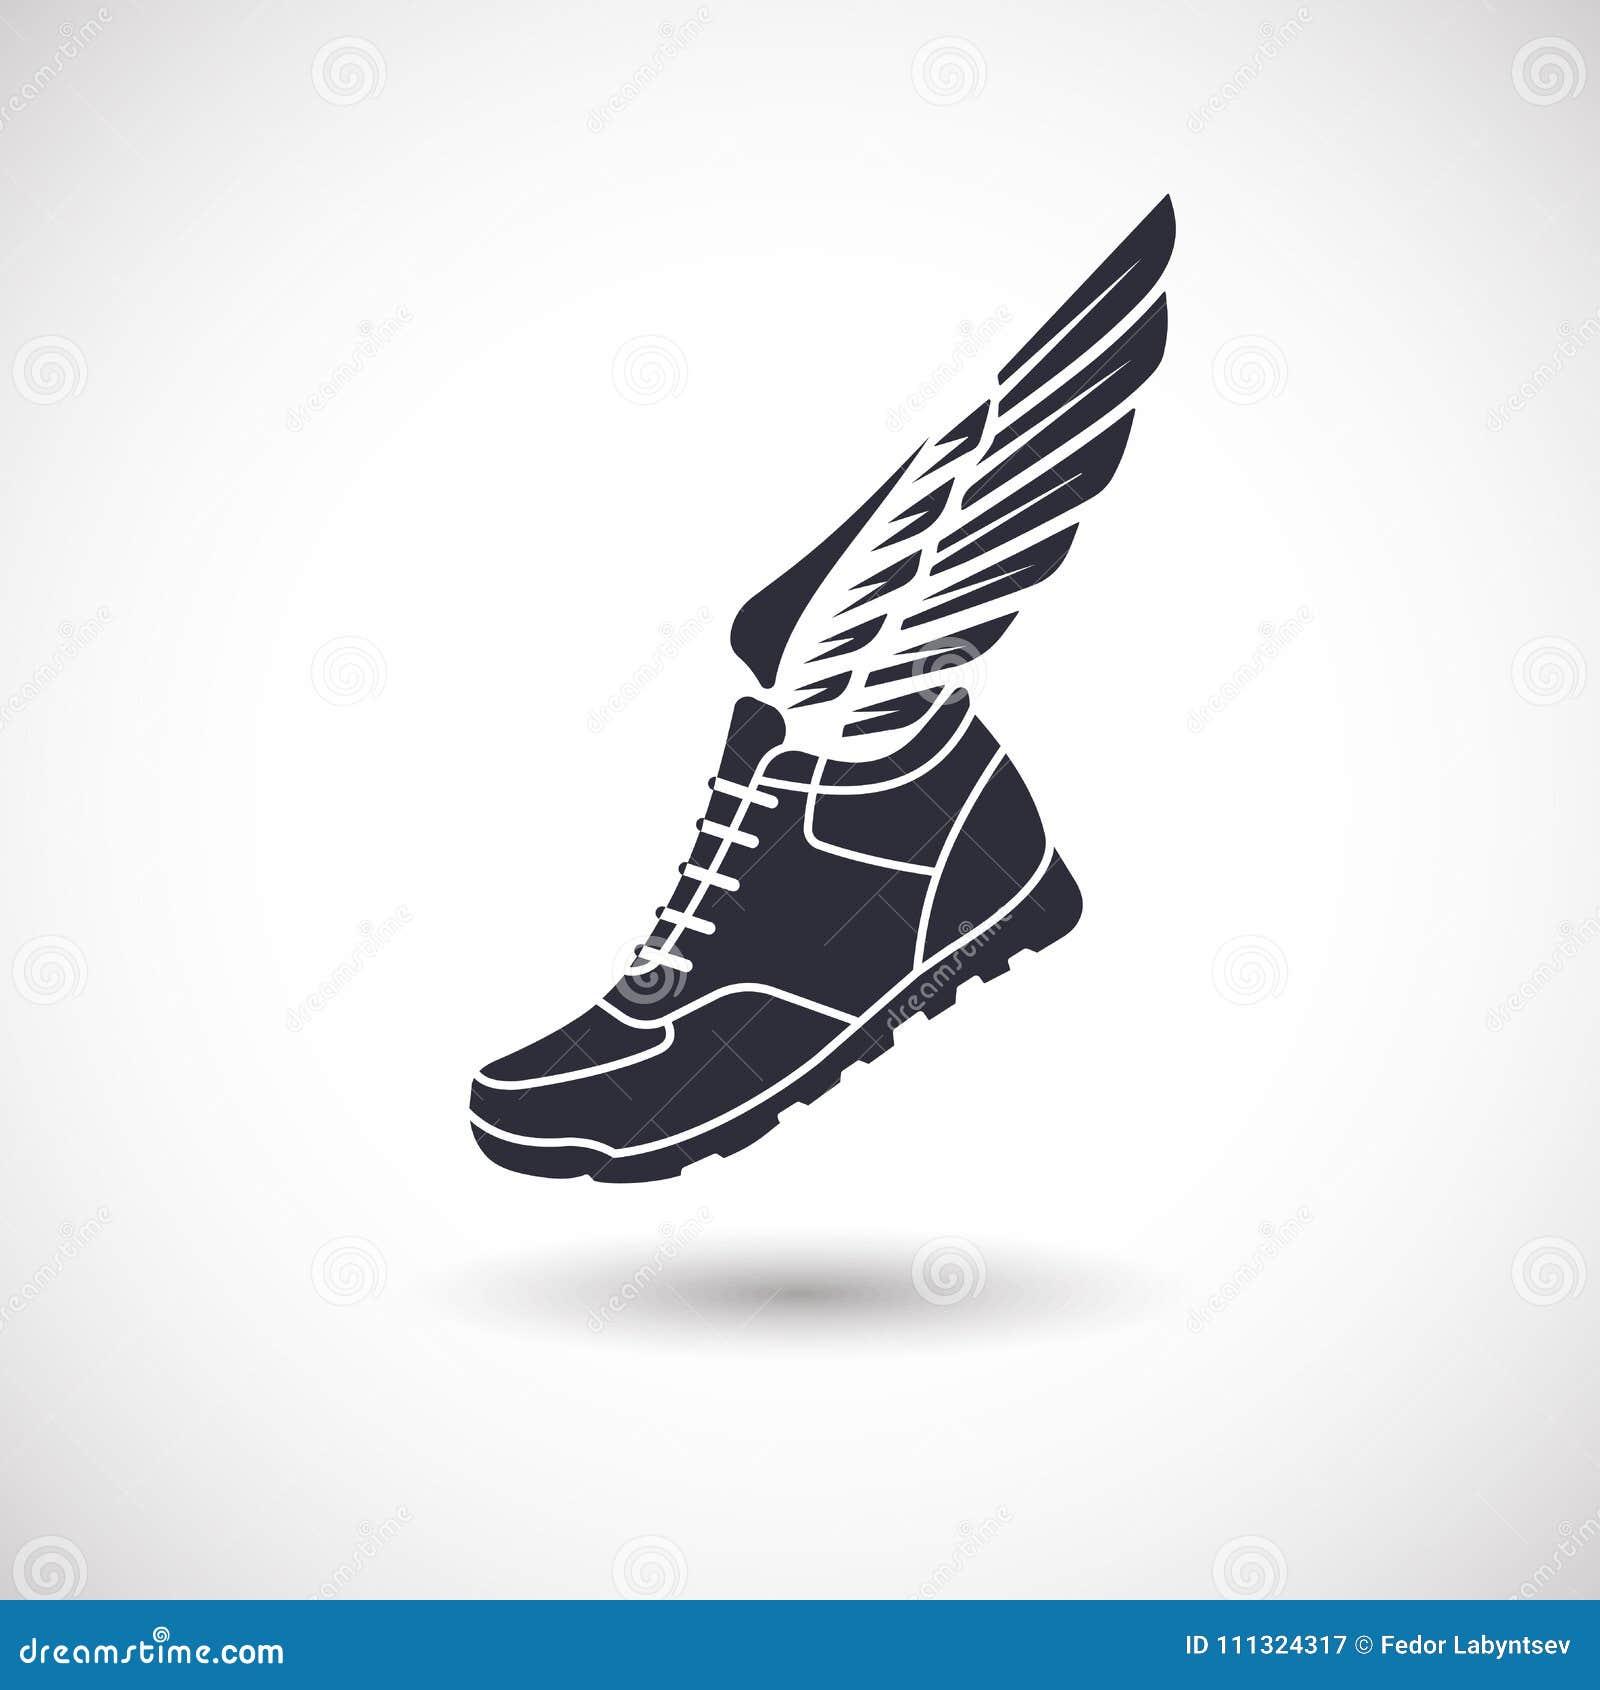 Sportschuhe mit Flügeln vektor abbildung. Illustration von